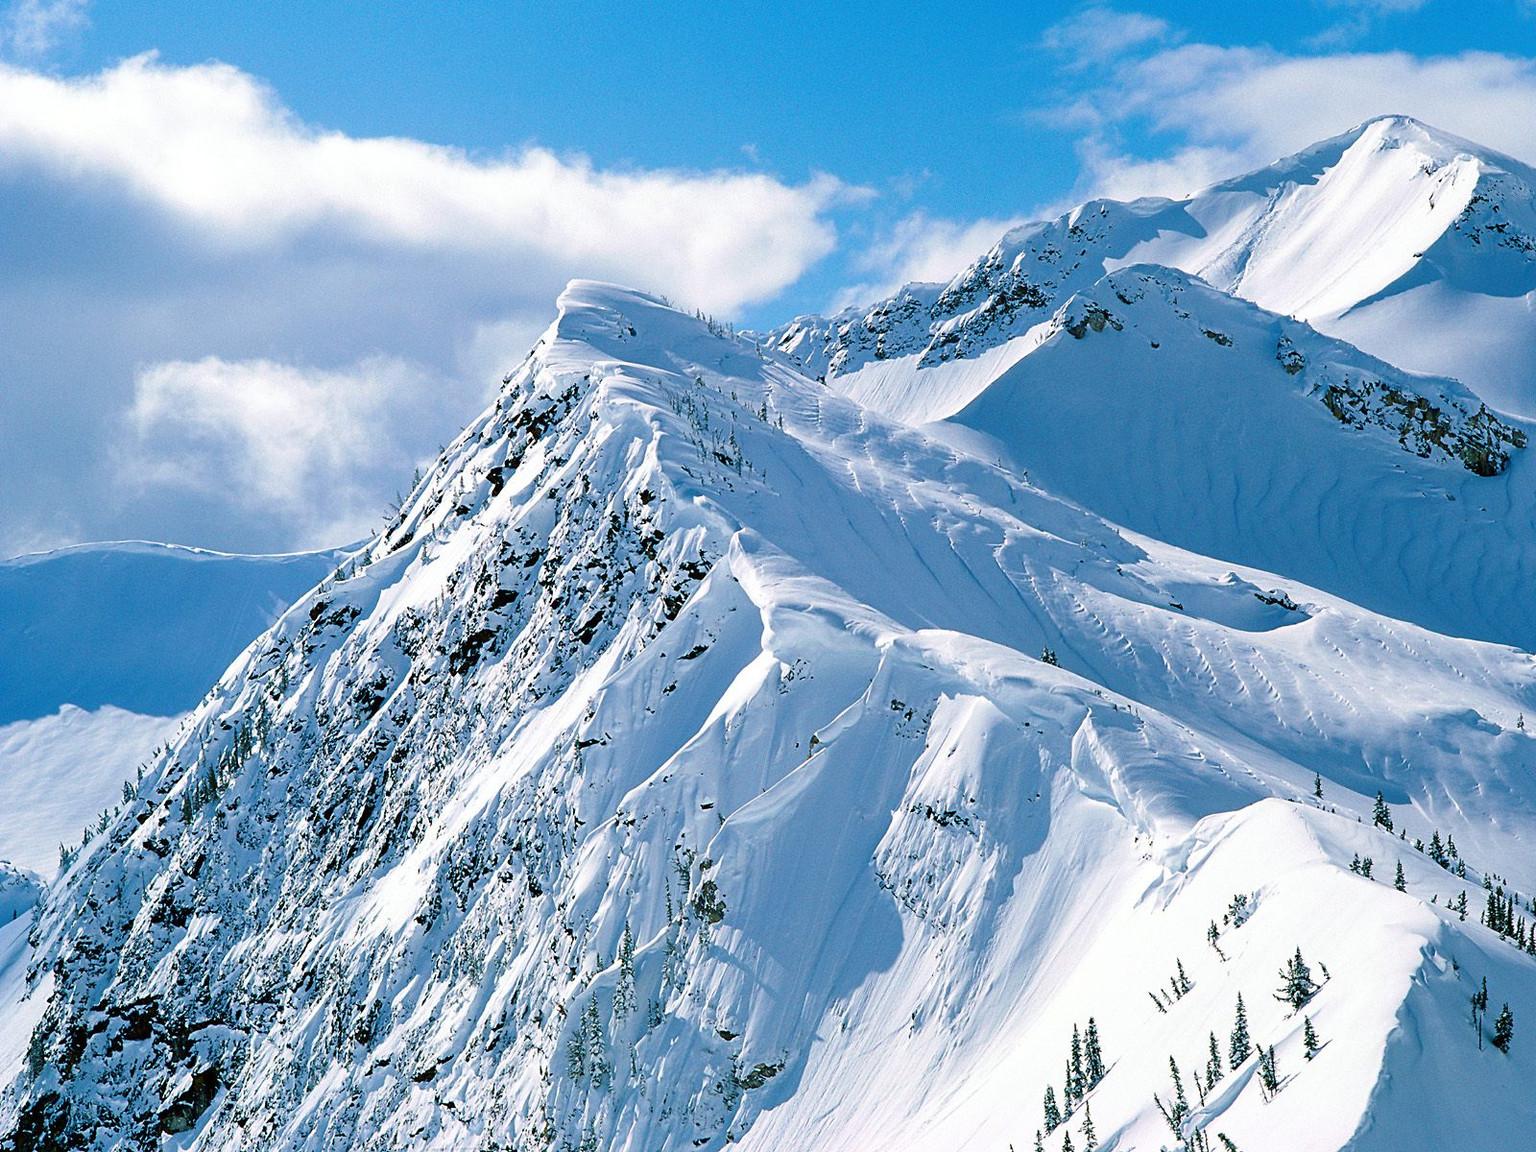 ws_White_Peaks_1600x1200.jpg